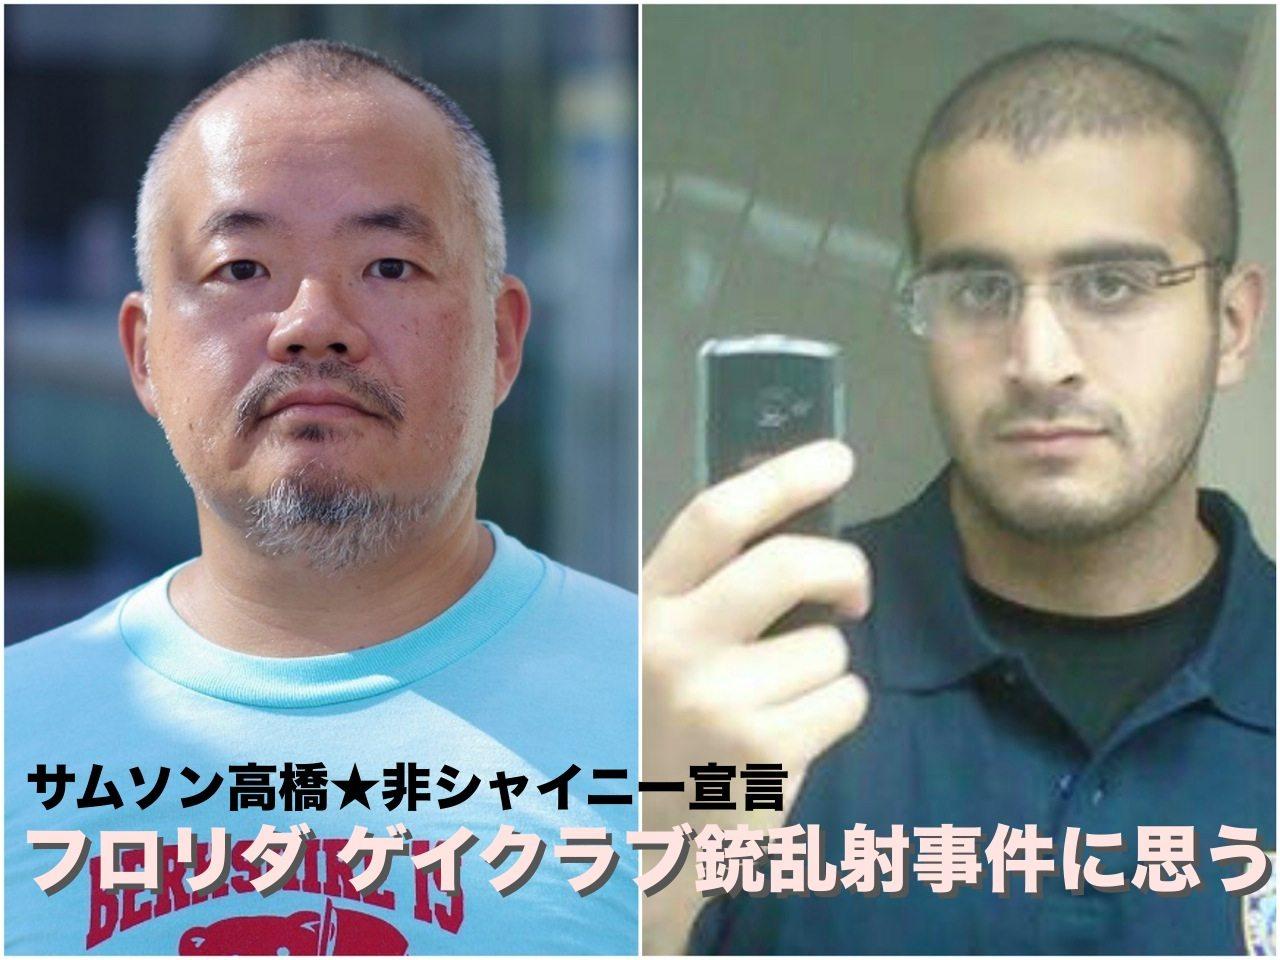 【コラム】ゲイクラブ銃乱射事件に思う サムソン高橋